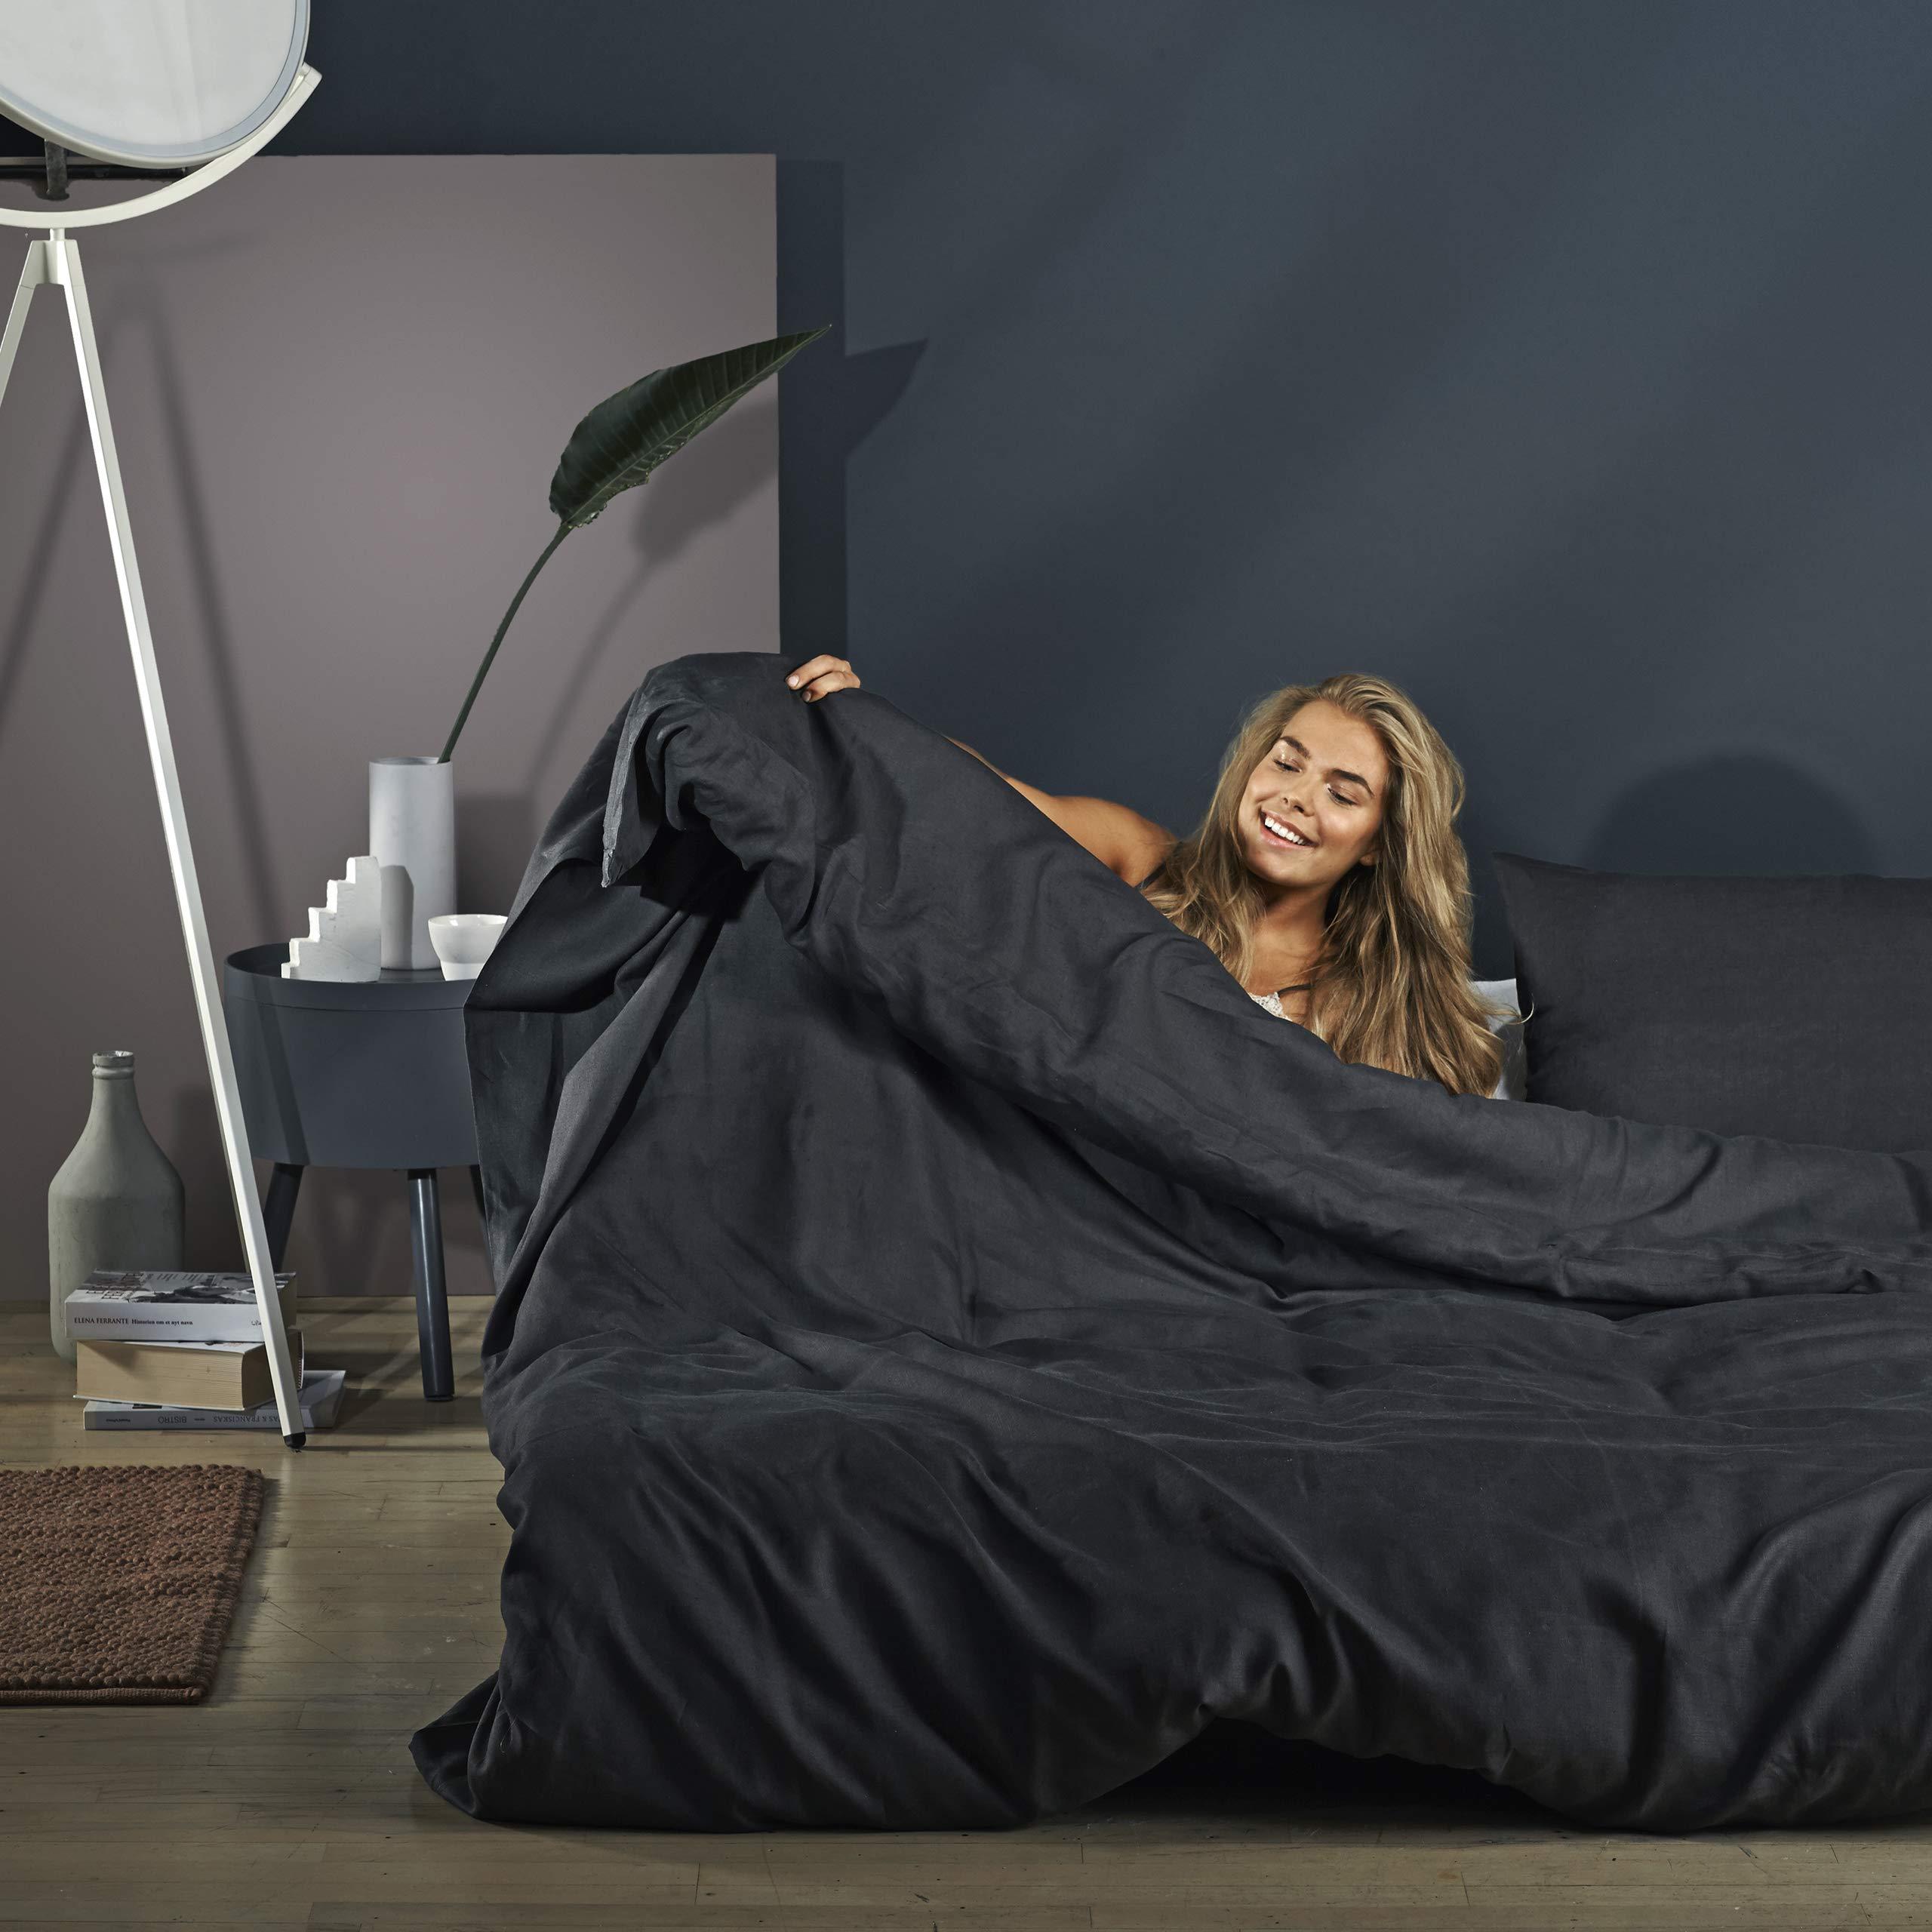 Danmats Luxurious 100% French Linen, European Flax, 3 Piece Duvet Cover Set Bed Set Bedsheet, Charcoal/Dark Gray (Queen, King) (Queen)